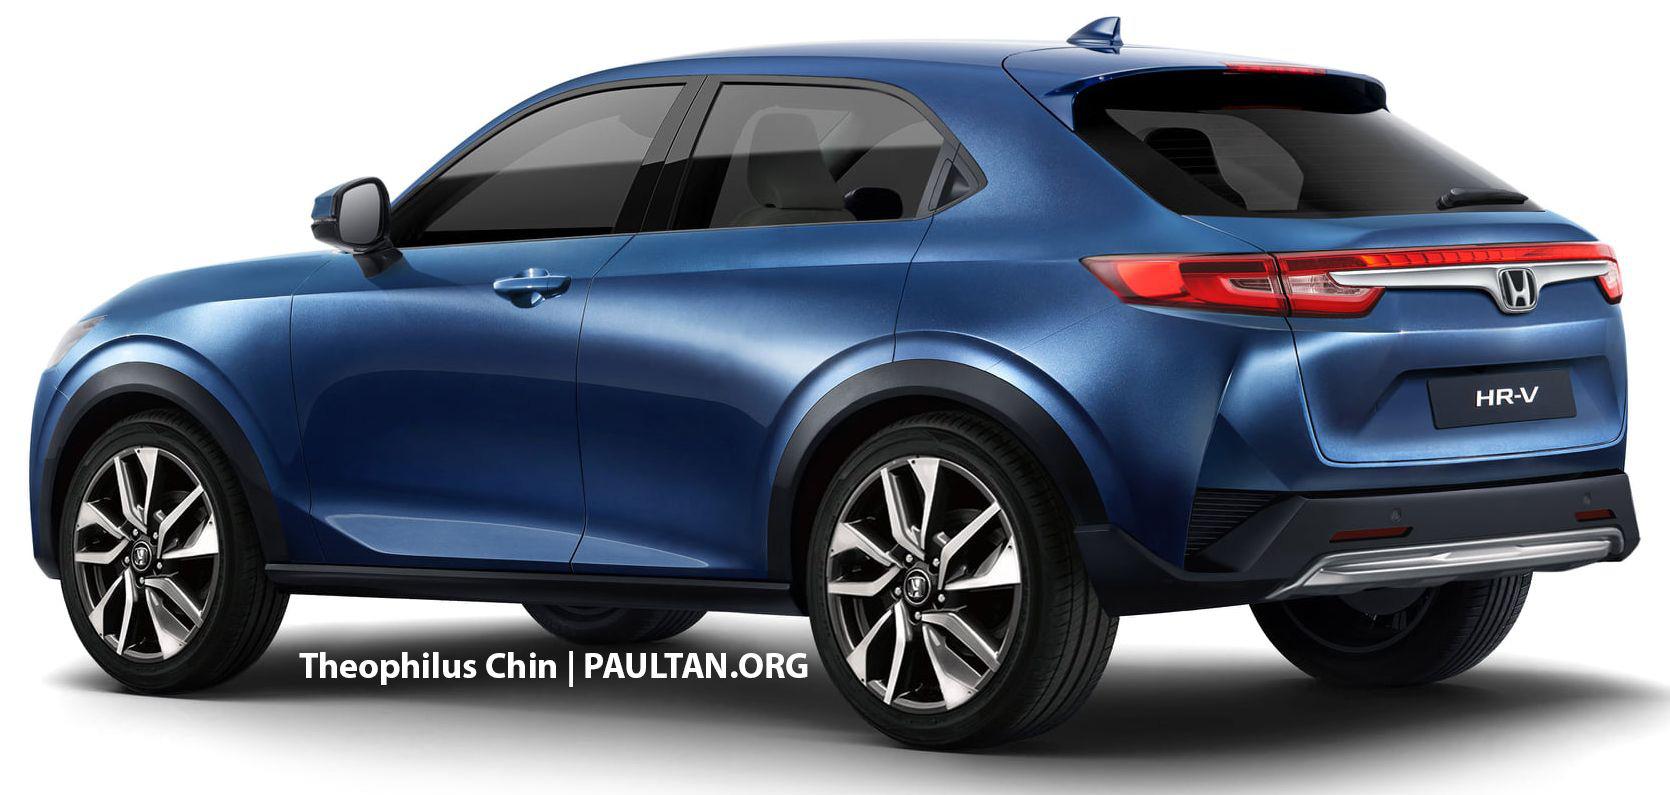 Honda HR-V ngừng sản xuất, sẵn sàng cho thế hệ mới đấu Kona, Seltos-2